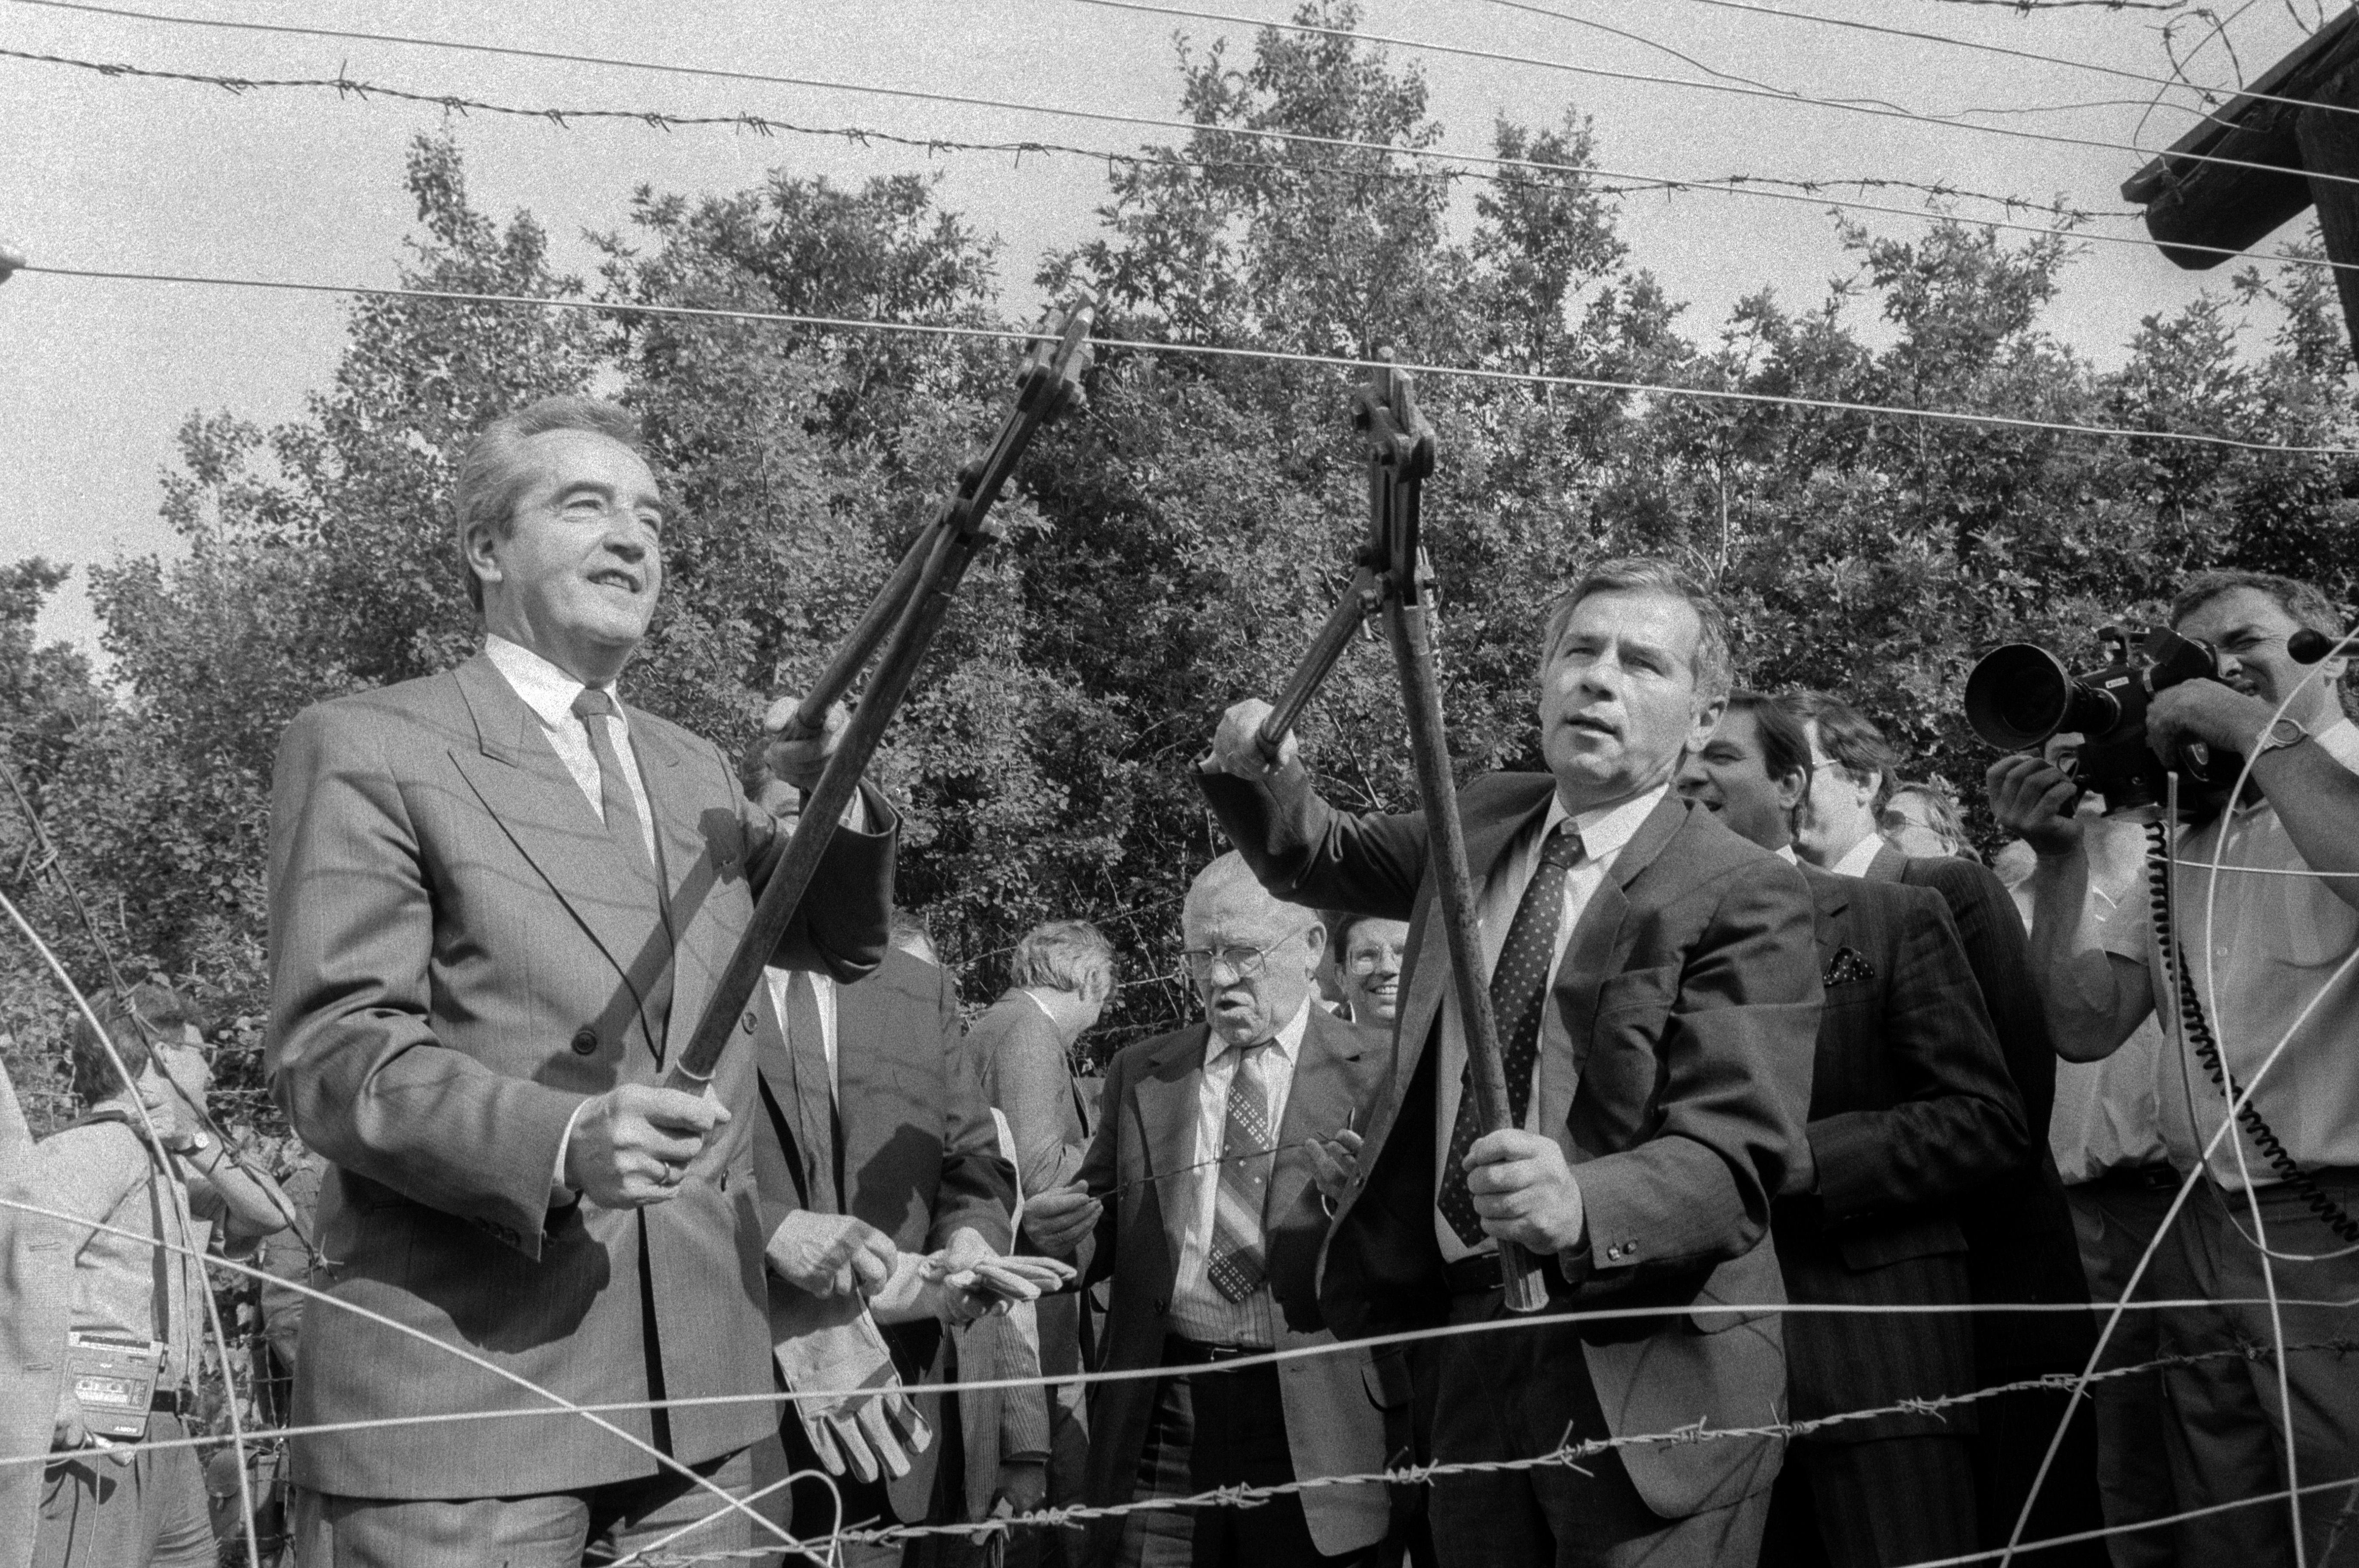 A nagy átverés: Horn Gyula és Alois Mock osztrák külügyminiszter átvágja a vasfüggönyt / Fotó: MTI